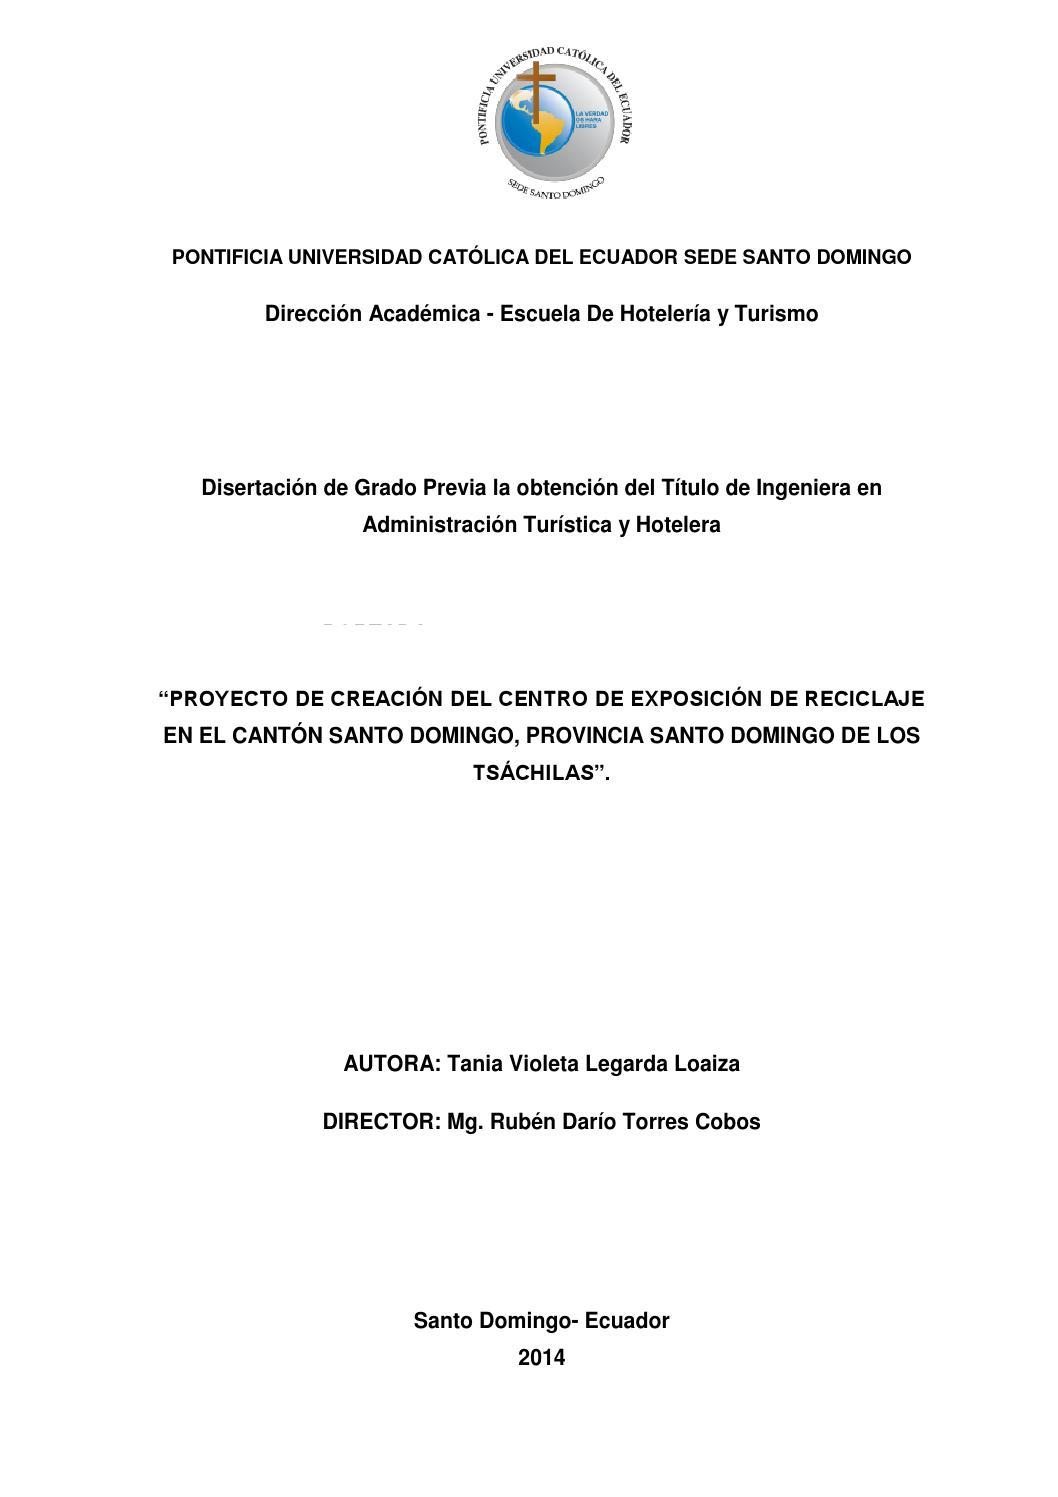 Proyecto de creación del Centro de Exportación de Reciclaje en Santo ...